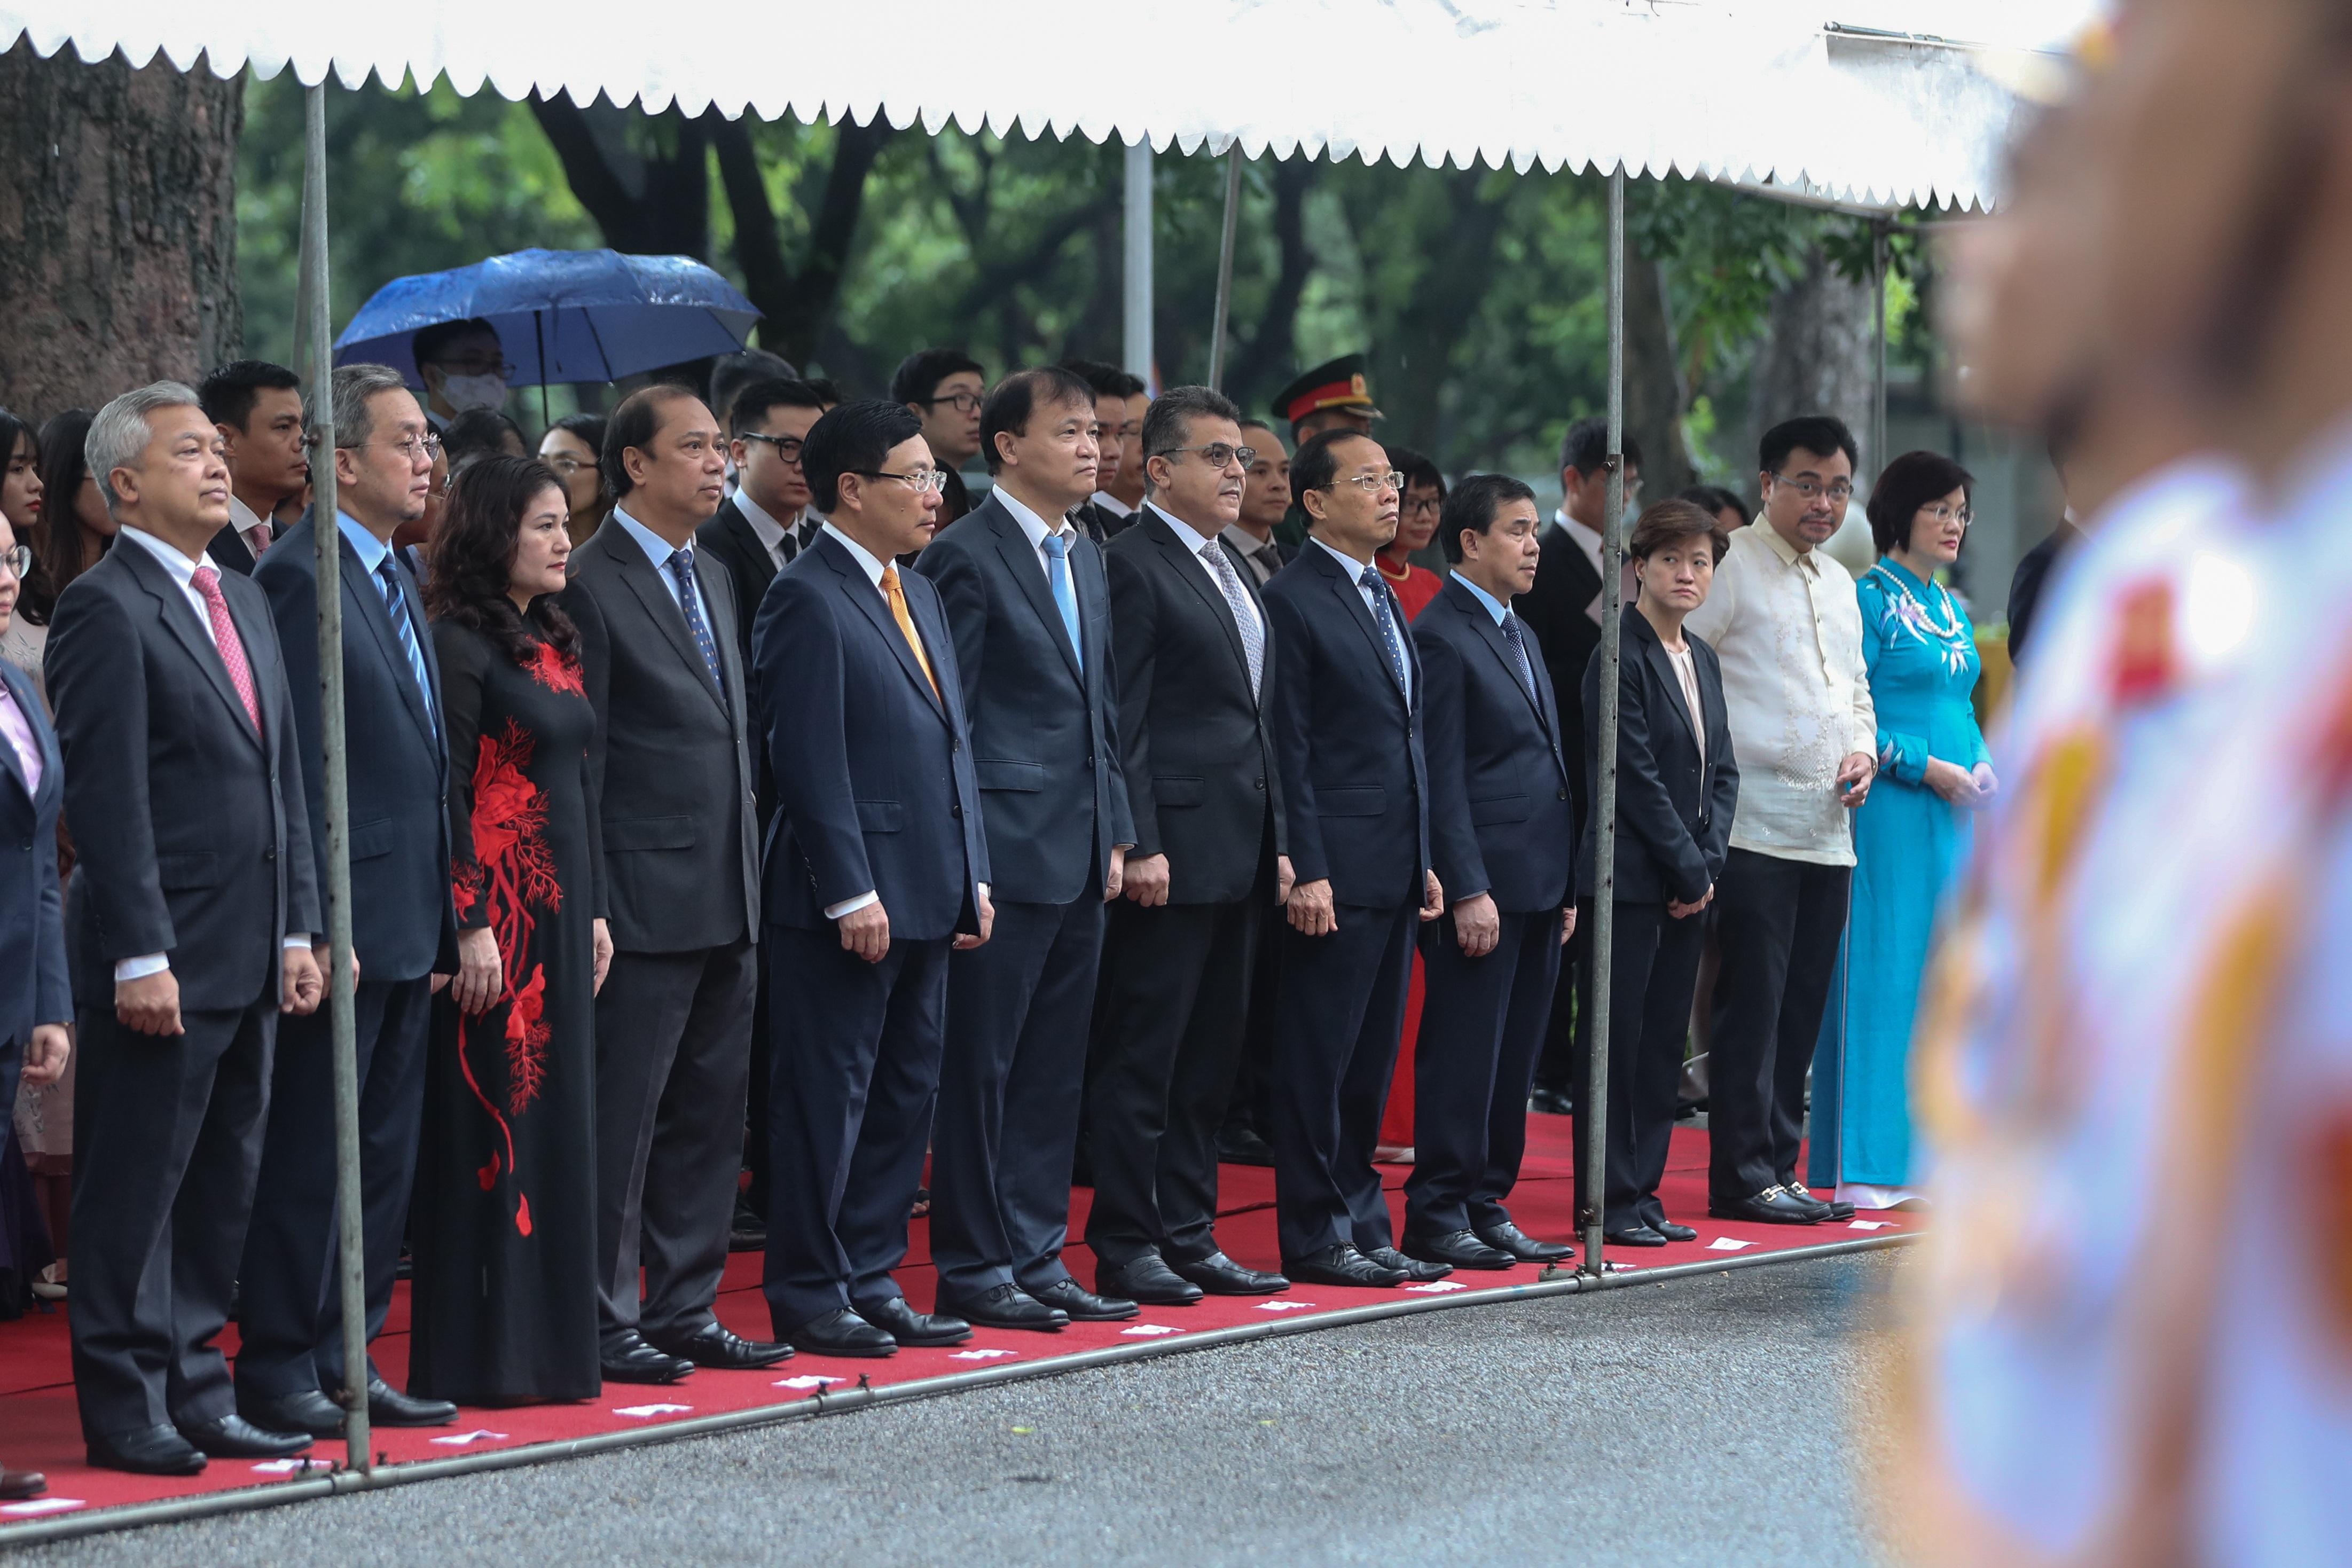 Trang trọng nghi lễ thượng cờ kỷ niệm 53 năm Ngày thành lập ASEAN - 2